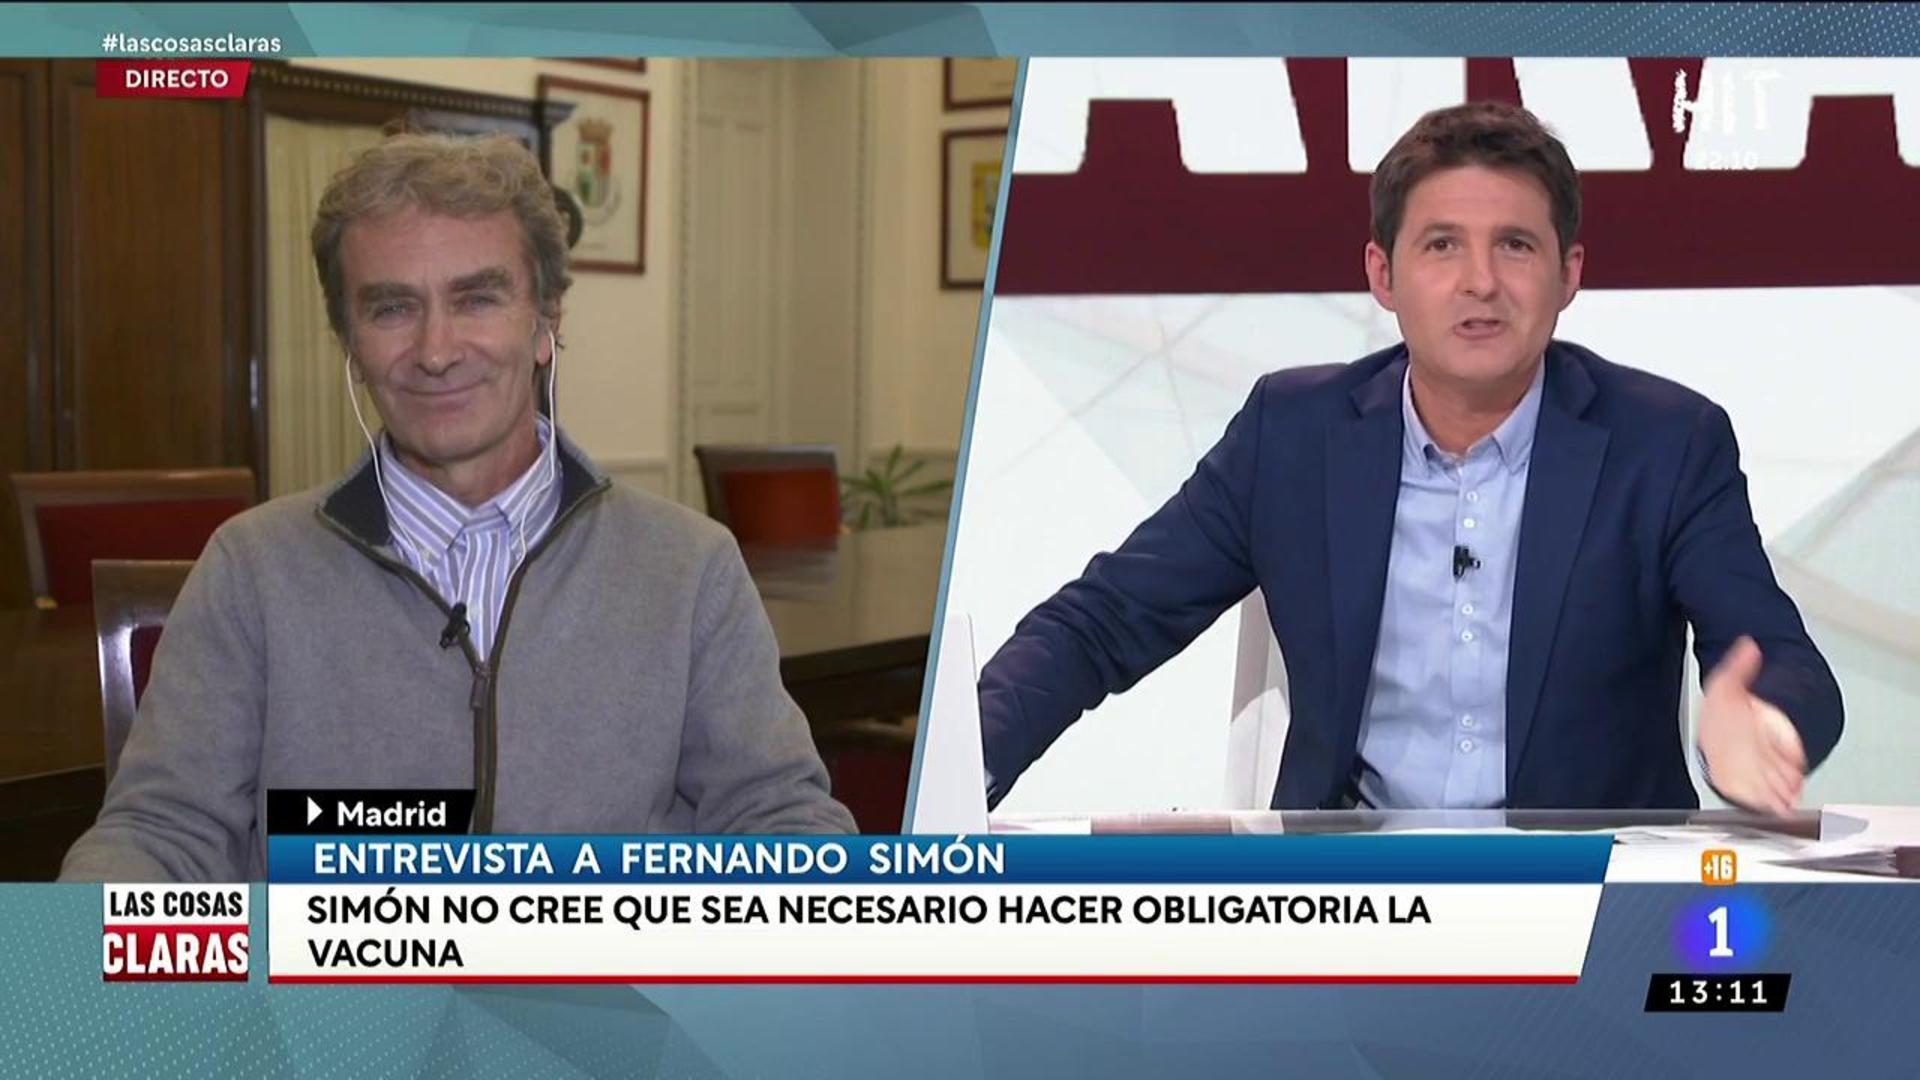 No ha sido ni PP ni VOX: Cintora cae 'fulminado' por los propios espectadores de TVE